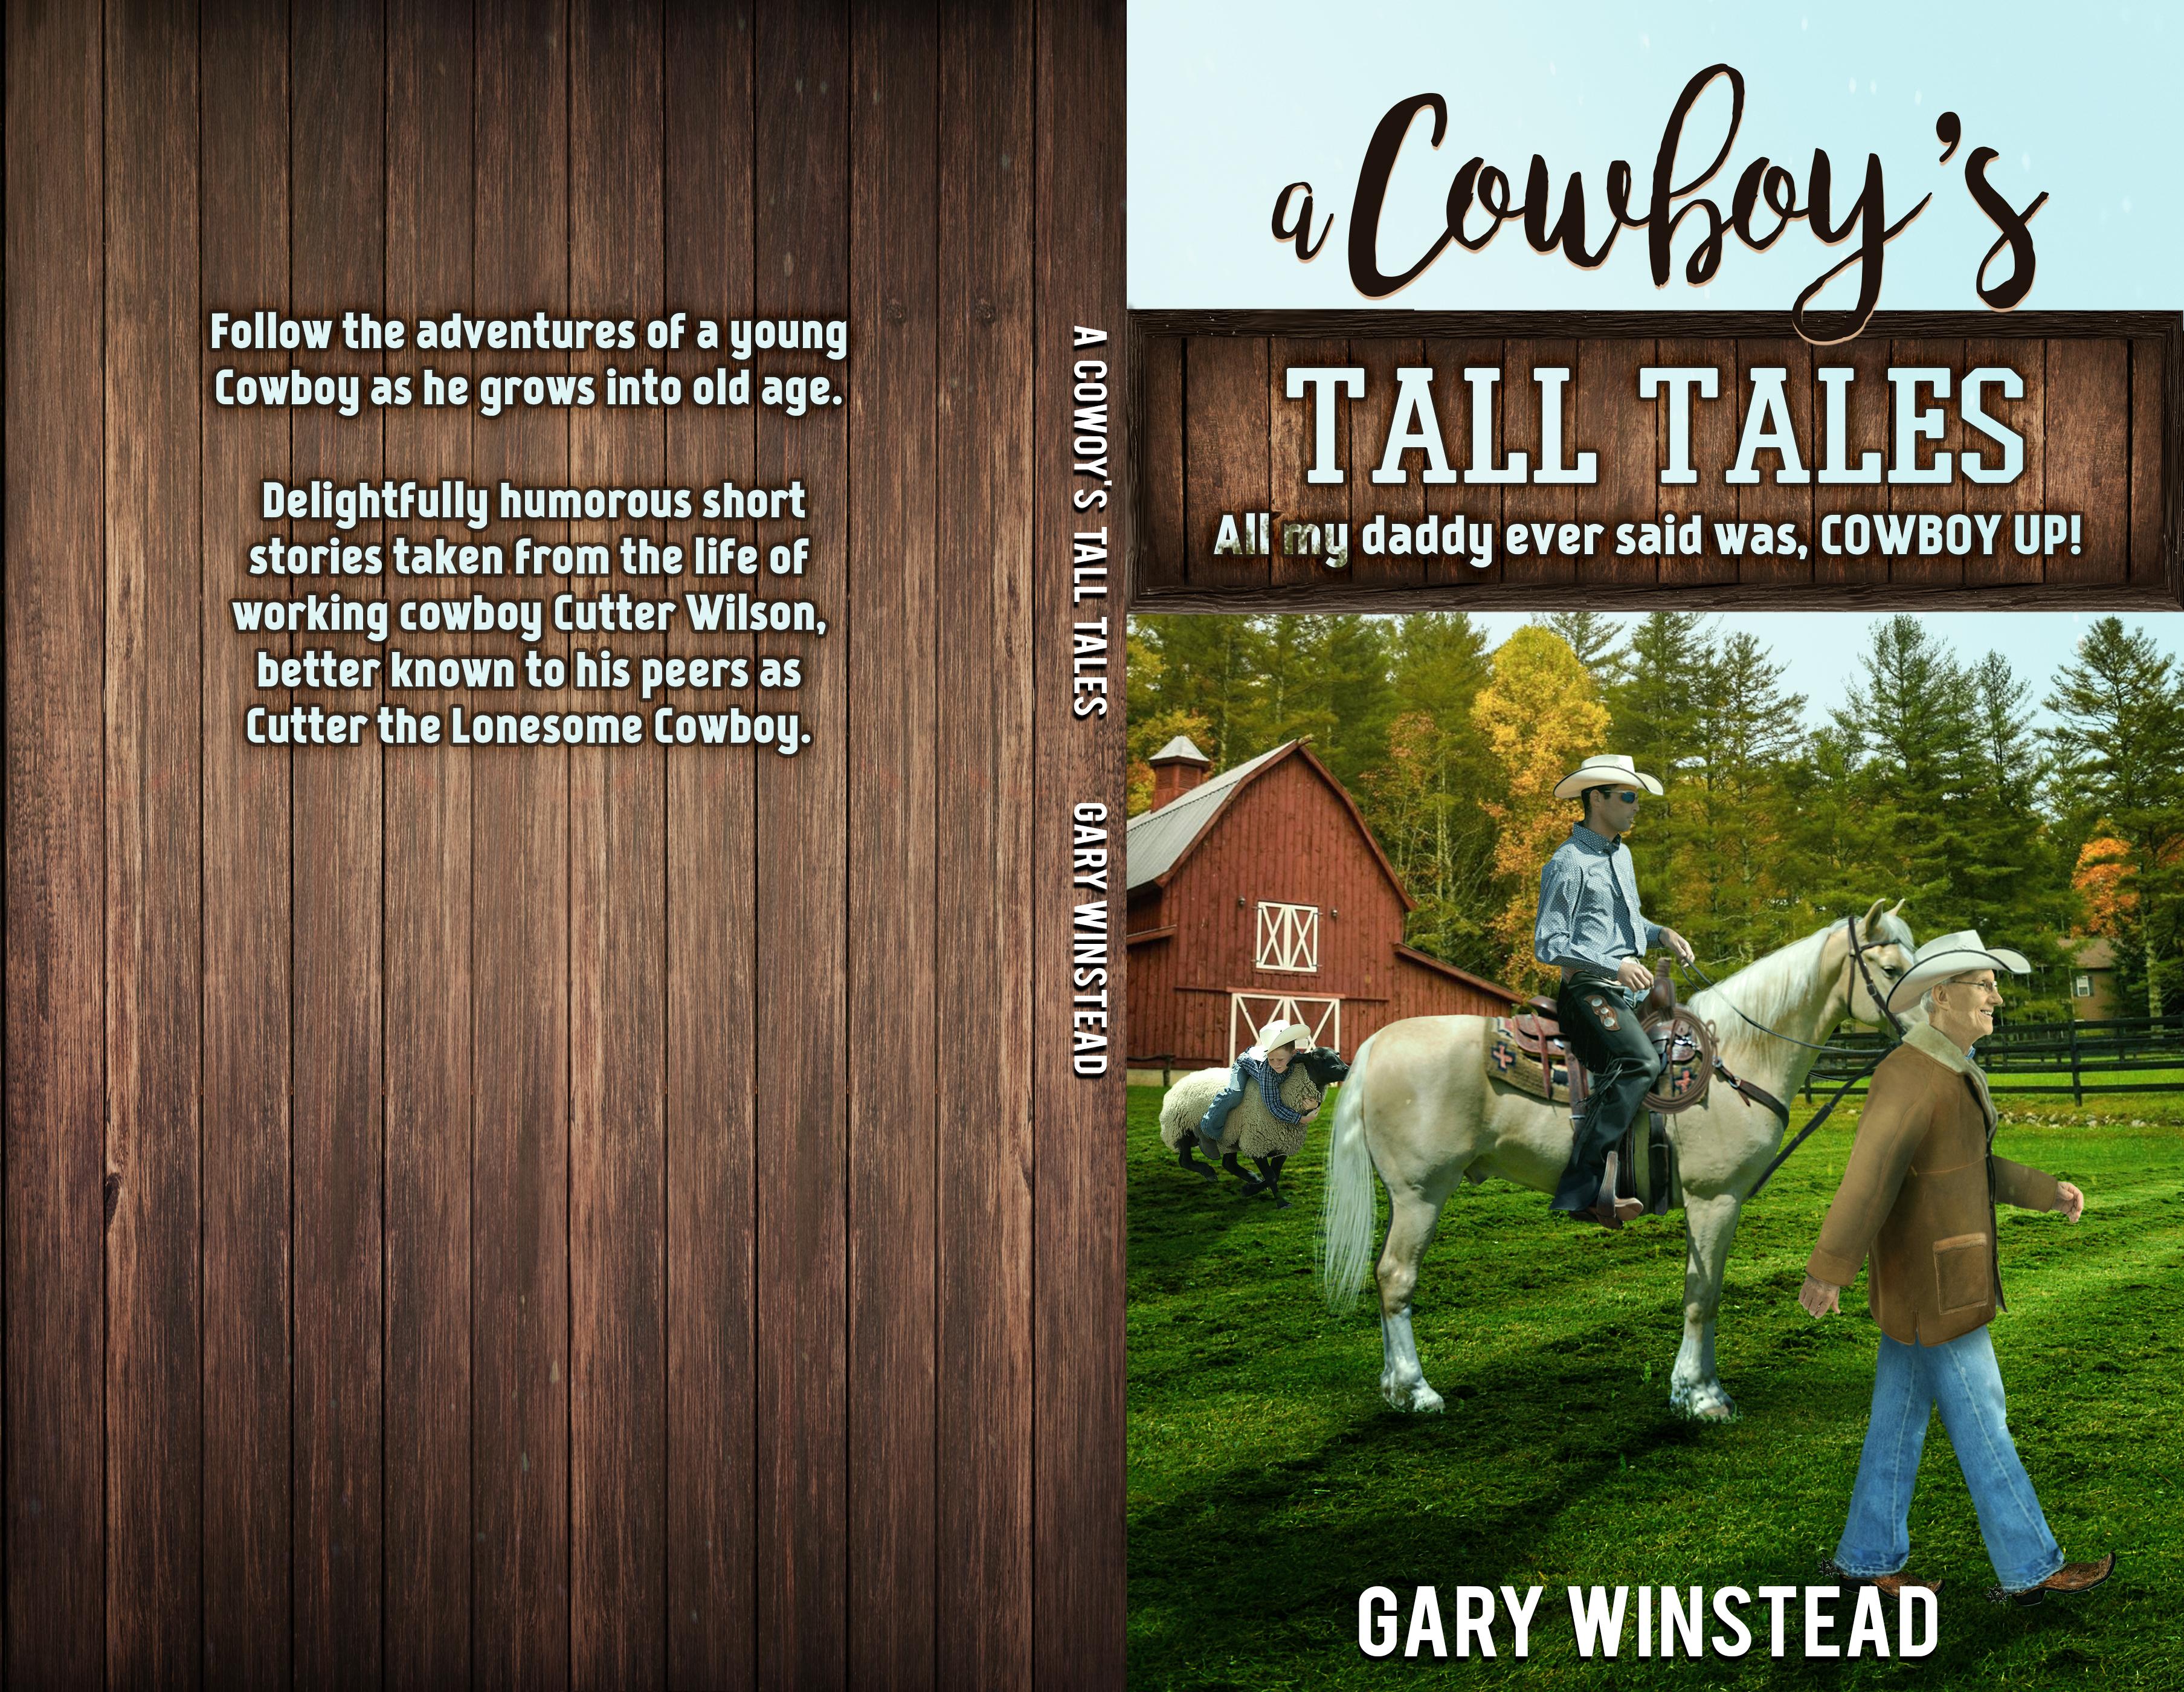 A Cowboy's tall tales